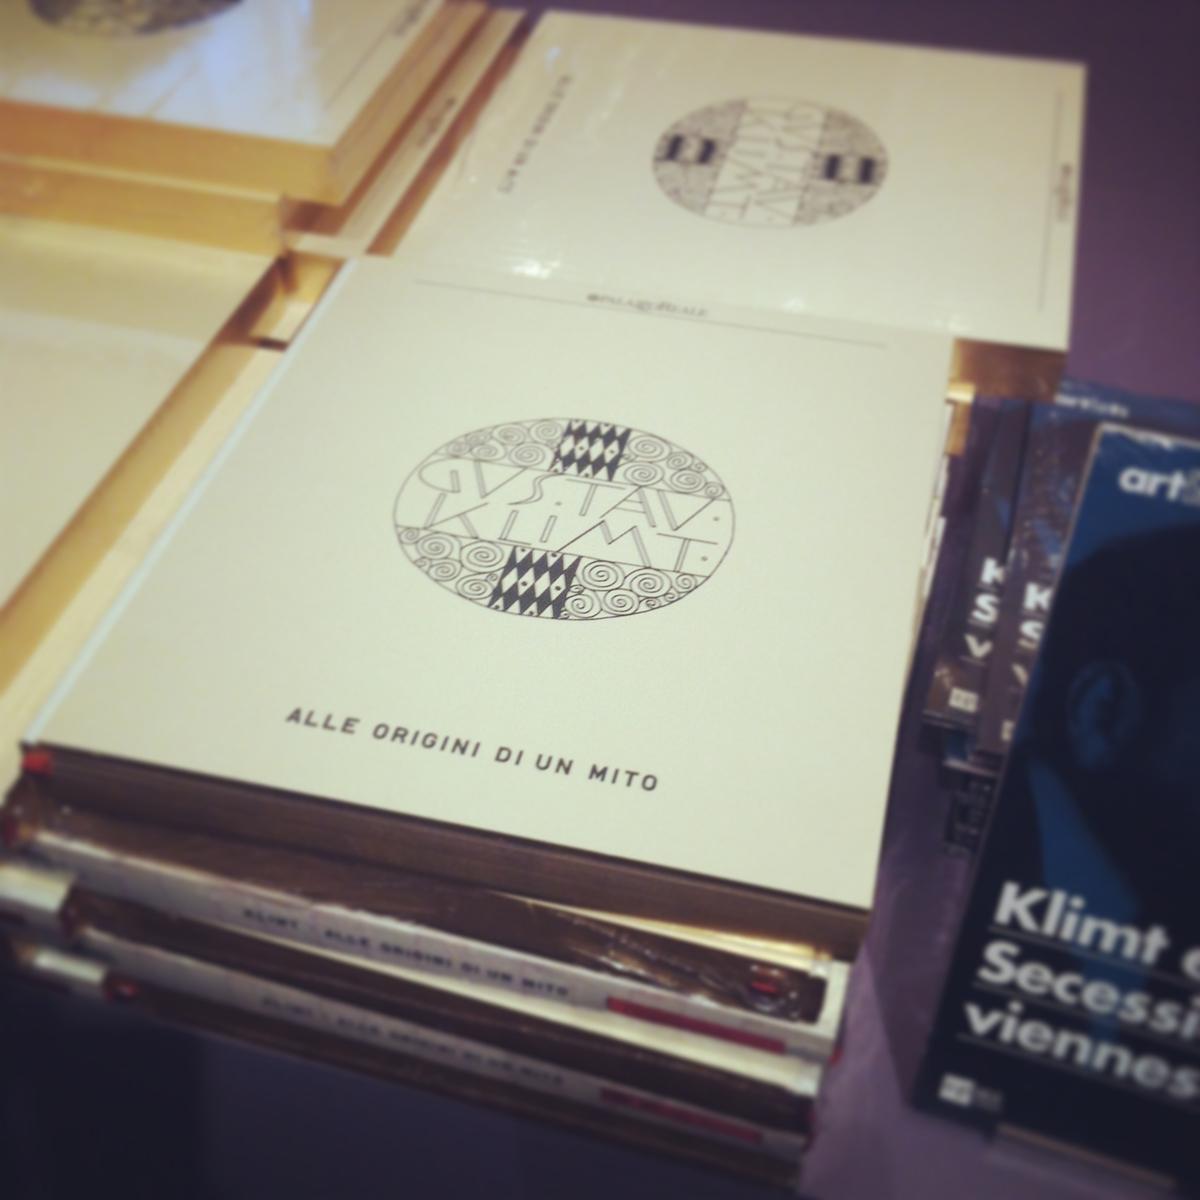 KlimtAlle-Origini-di-un-Mito-007